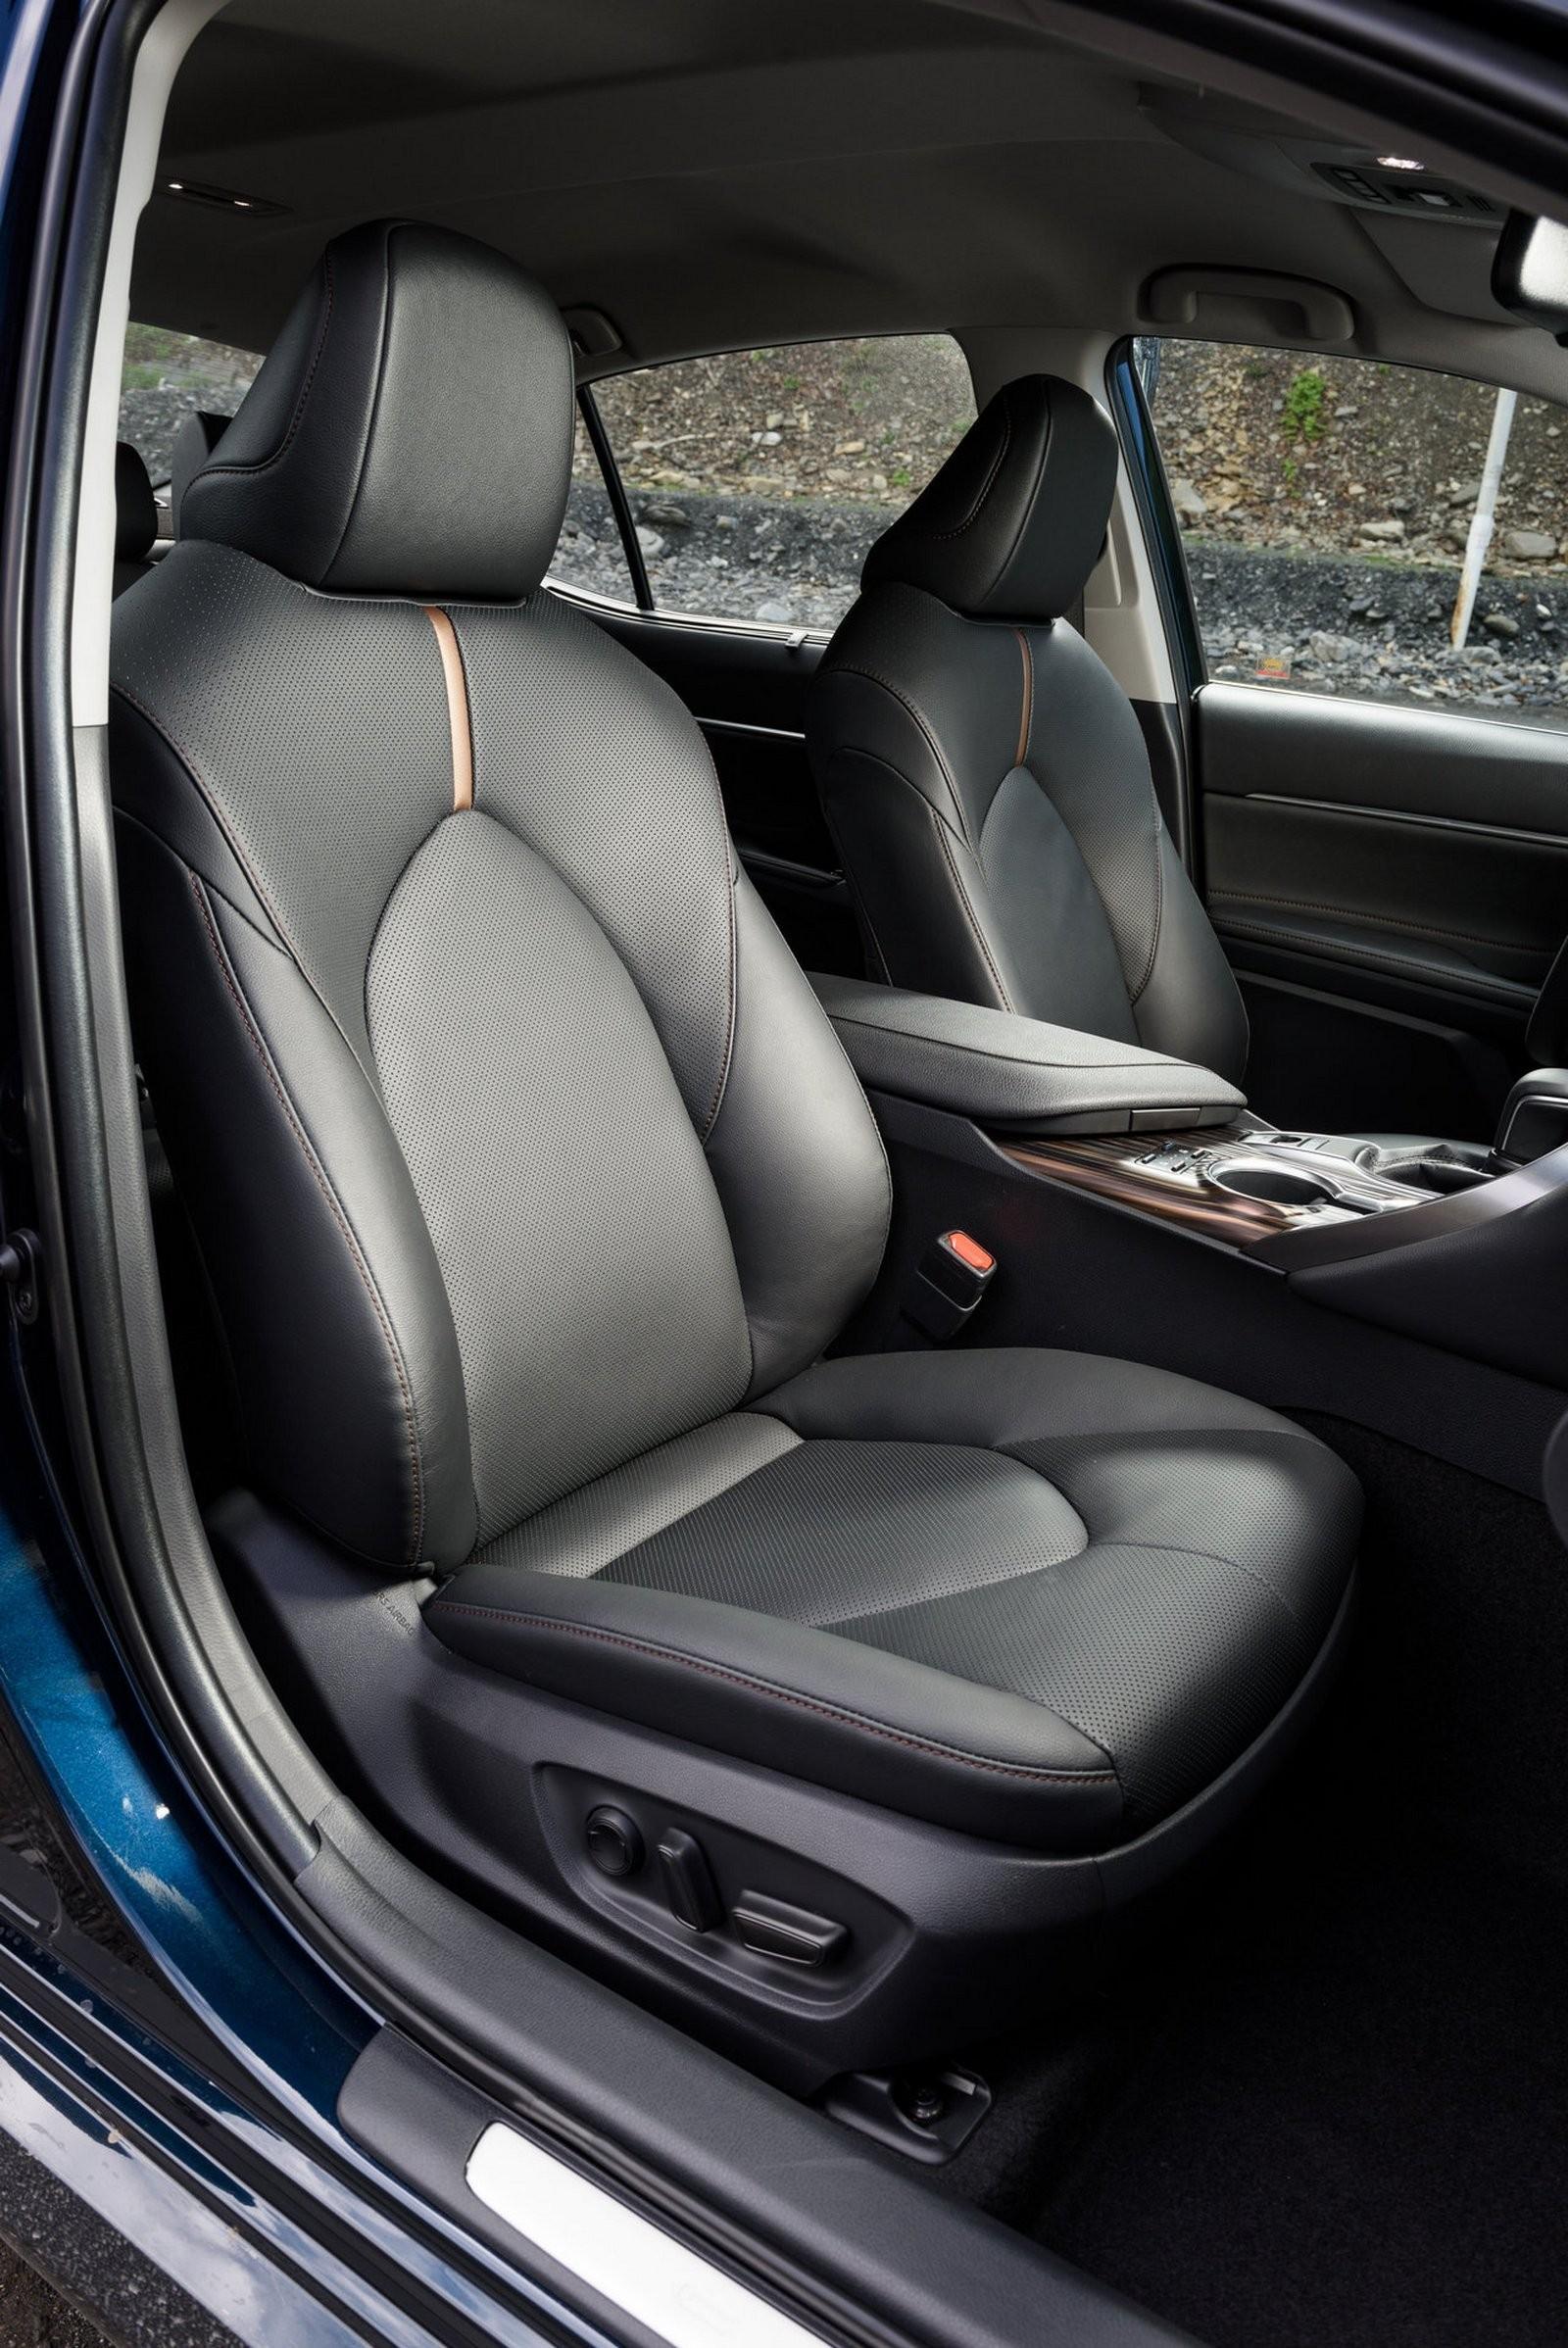 Toyota Camry передние сидения